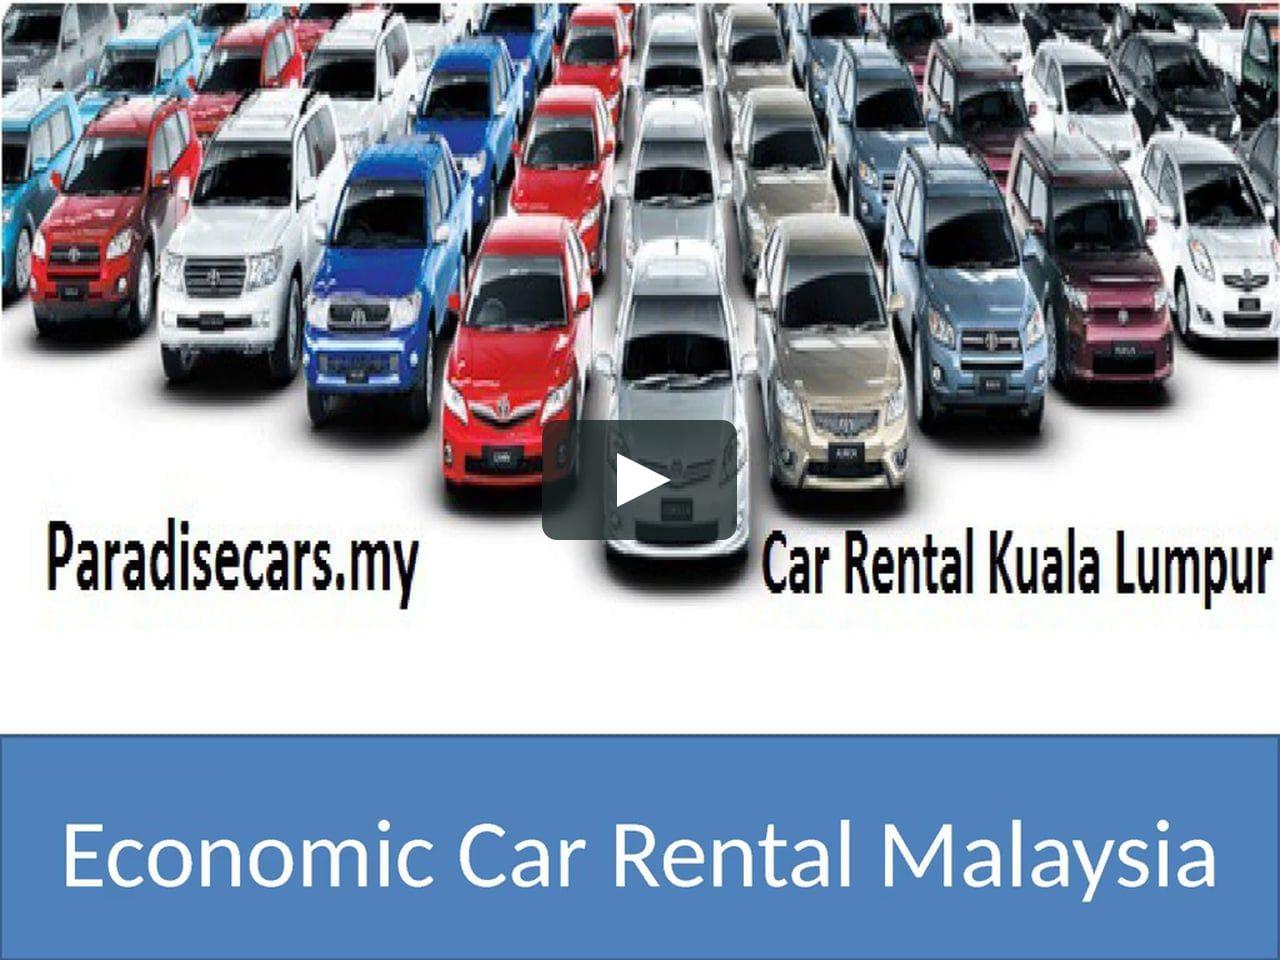 Economy Car Rental Kuala Lumpur Electric Car Rental Malaysia